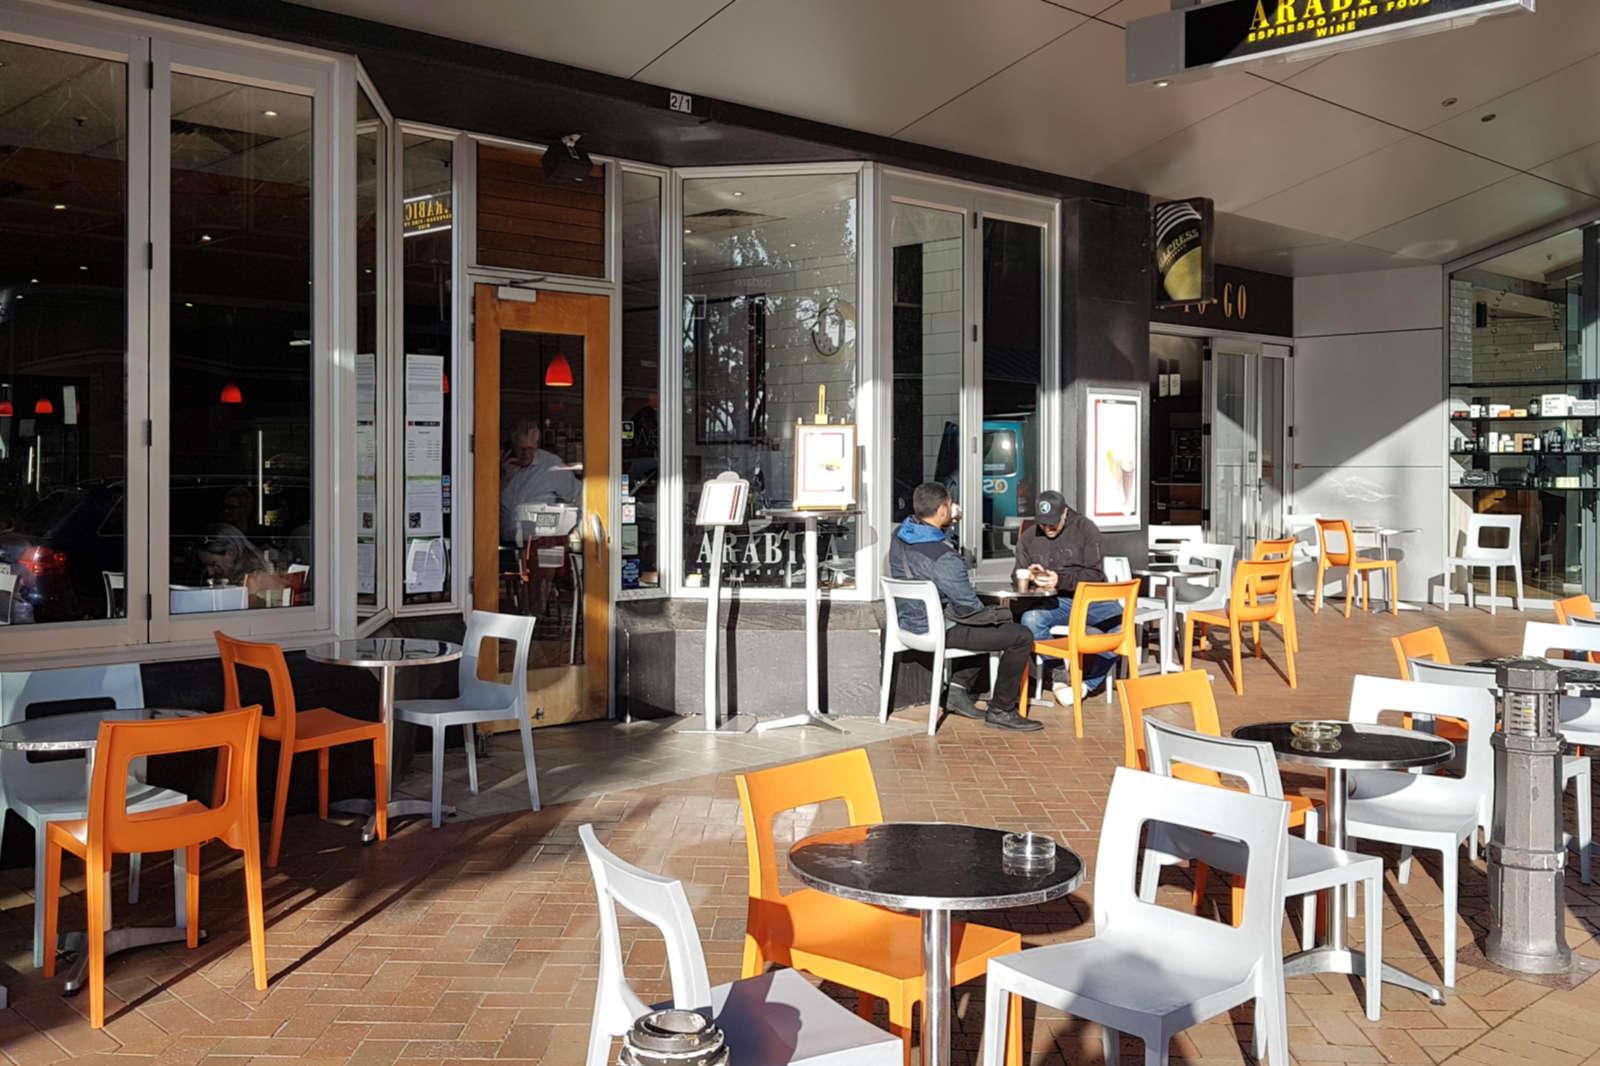 Arabica Cafe exterior view